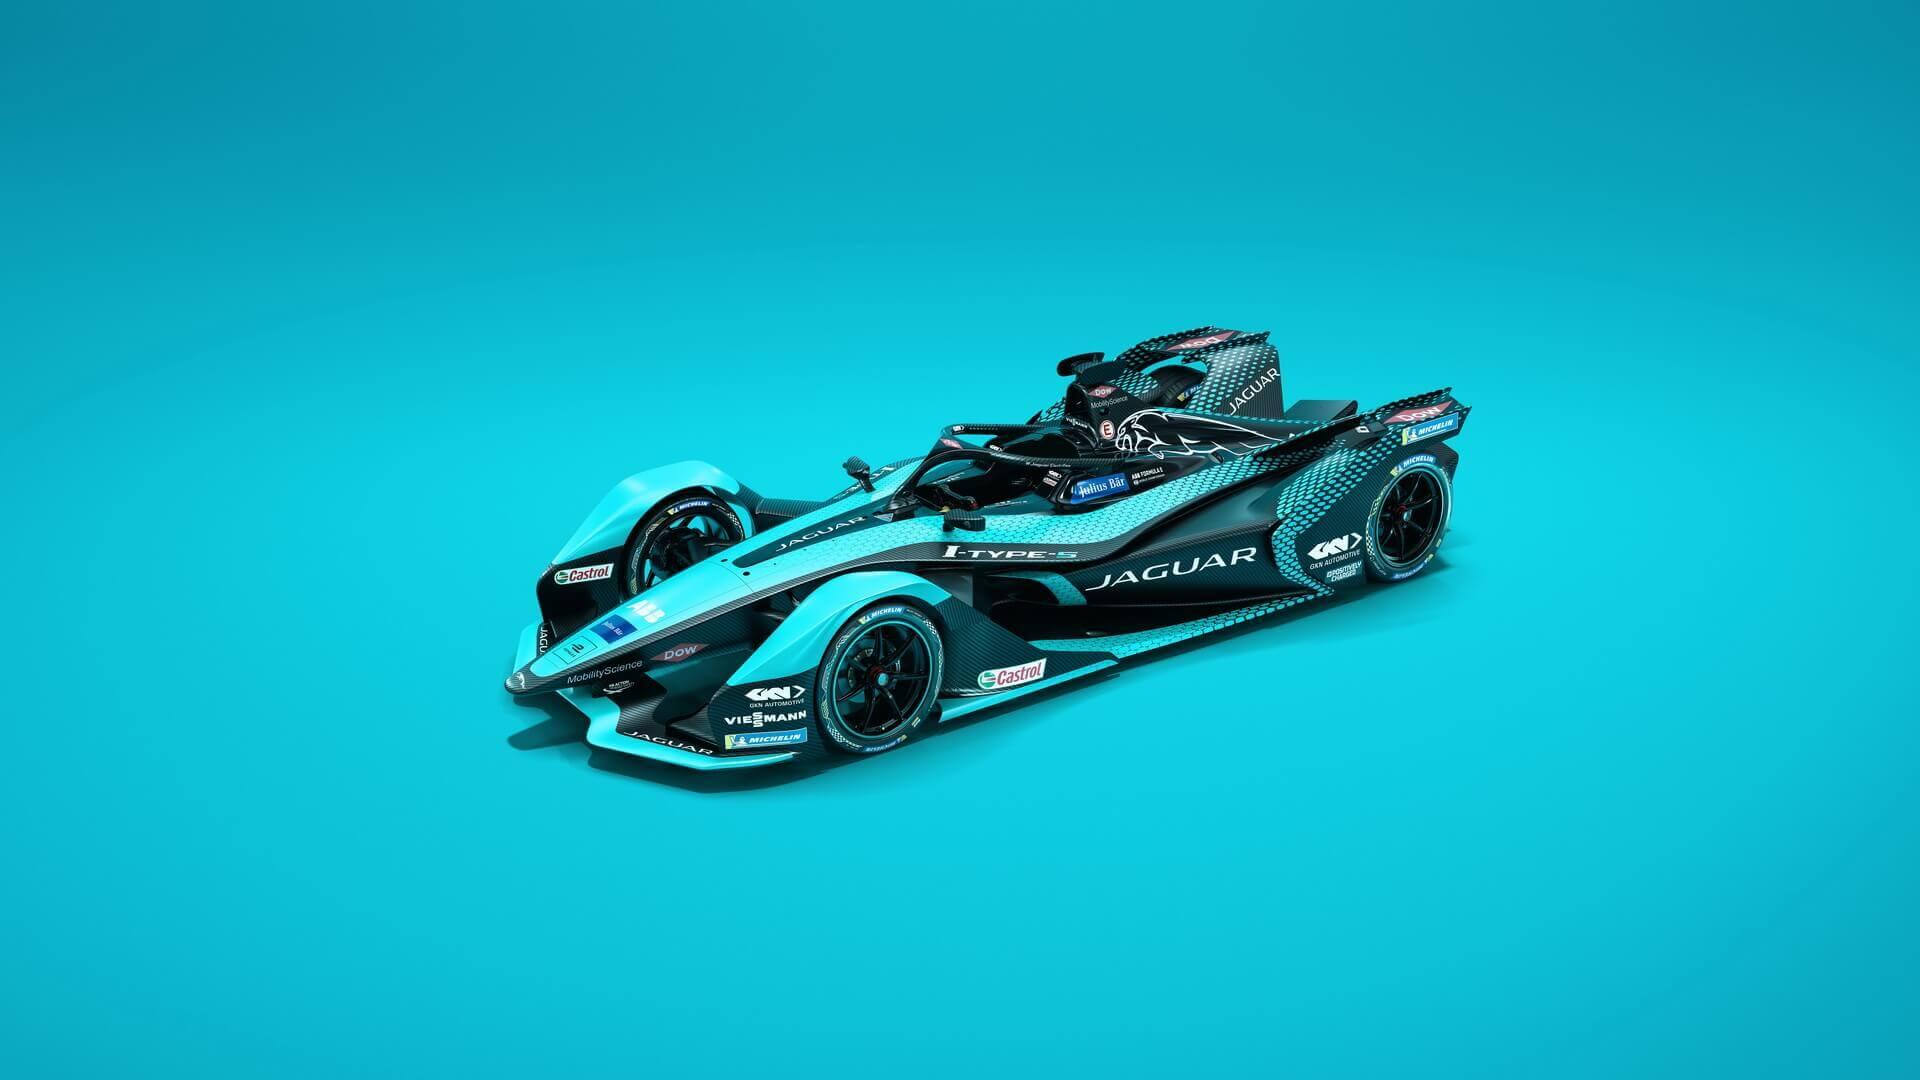 Jaguar Racing представила I-TYPE 5для чемпионата мира погонкам наэлектромобилях Formula E 2021